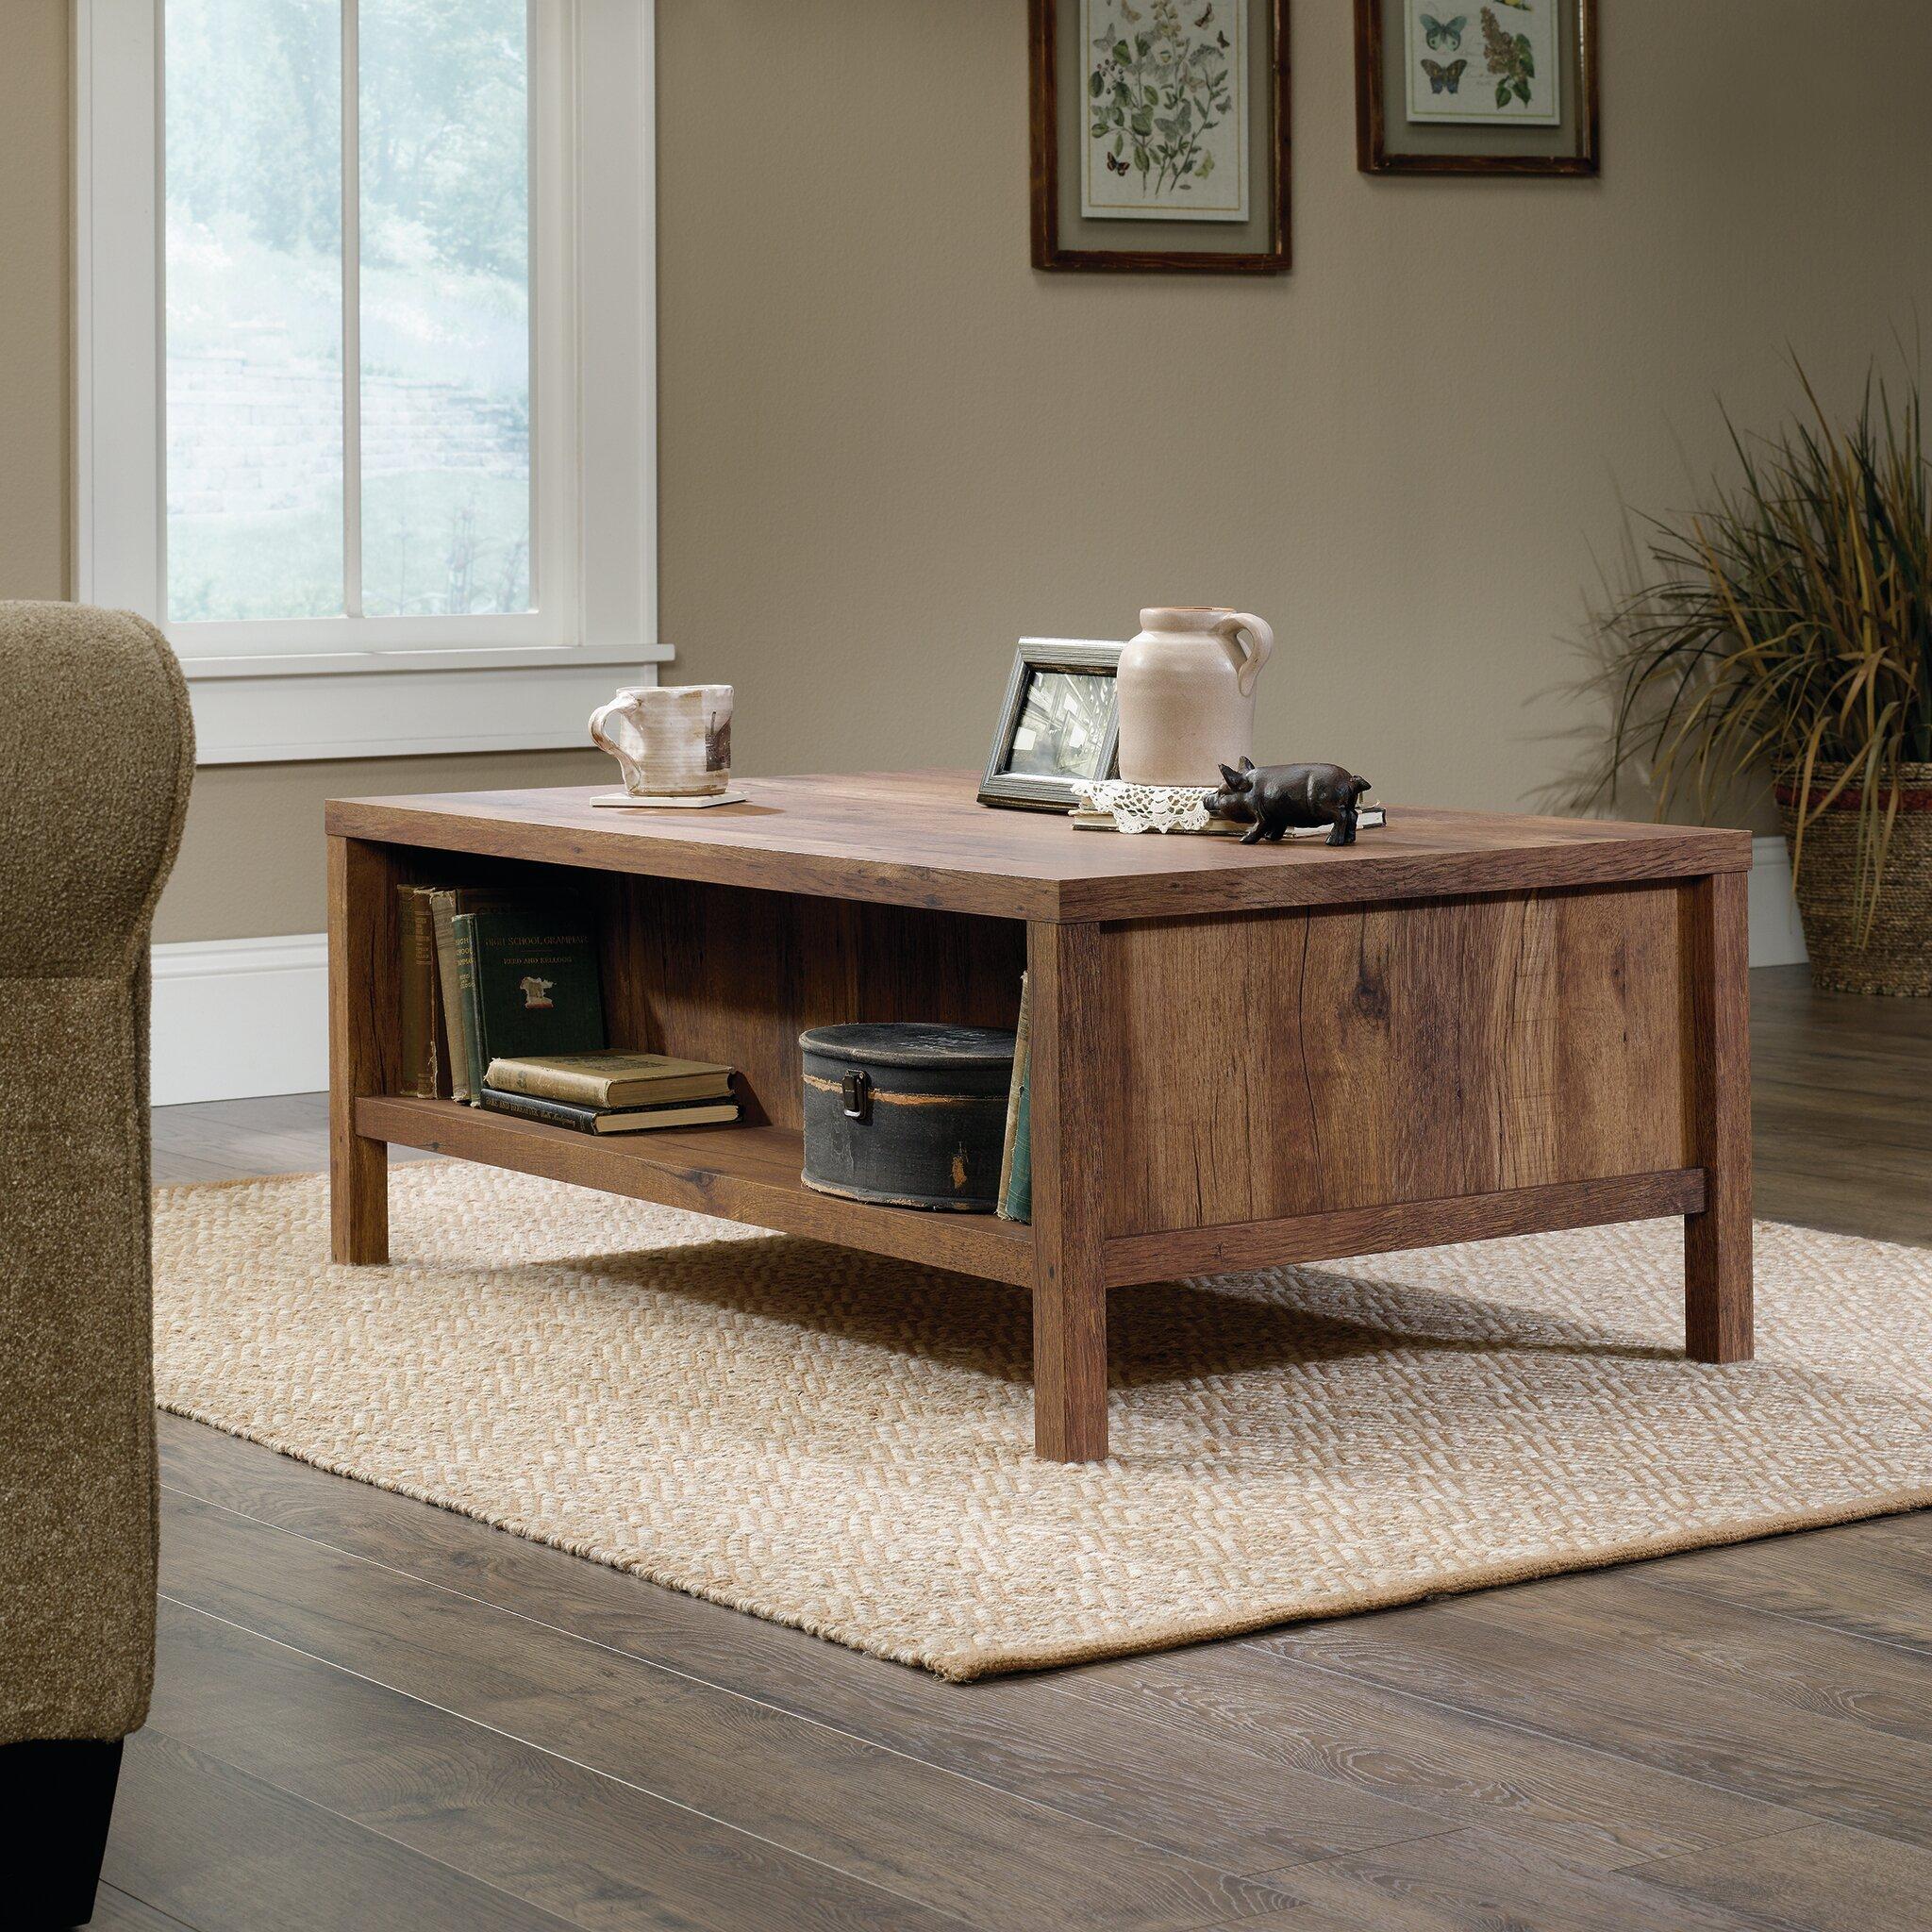 Laurel foundry modern farmhouse odile coffee table - Laurel foundry modern farmhouse bedroom ...